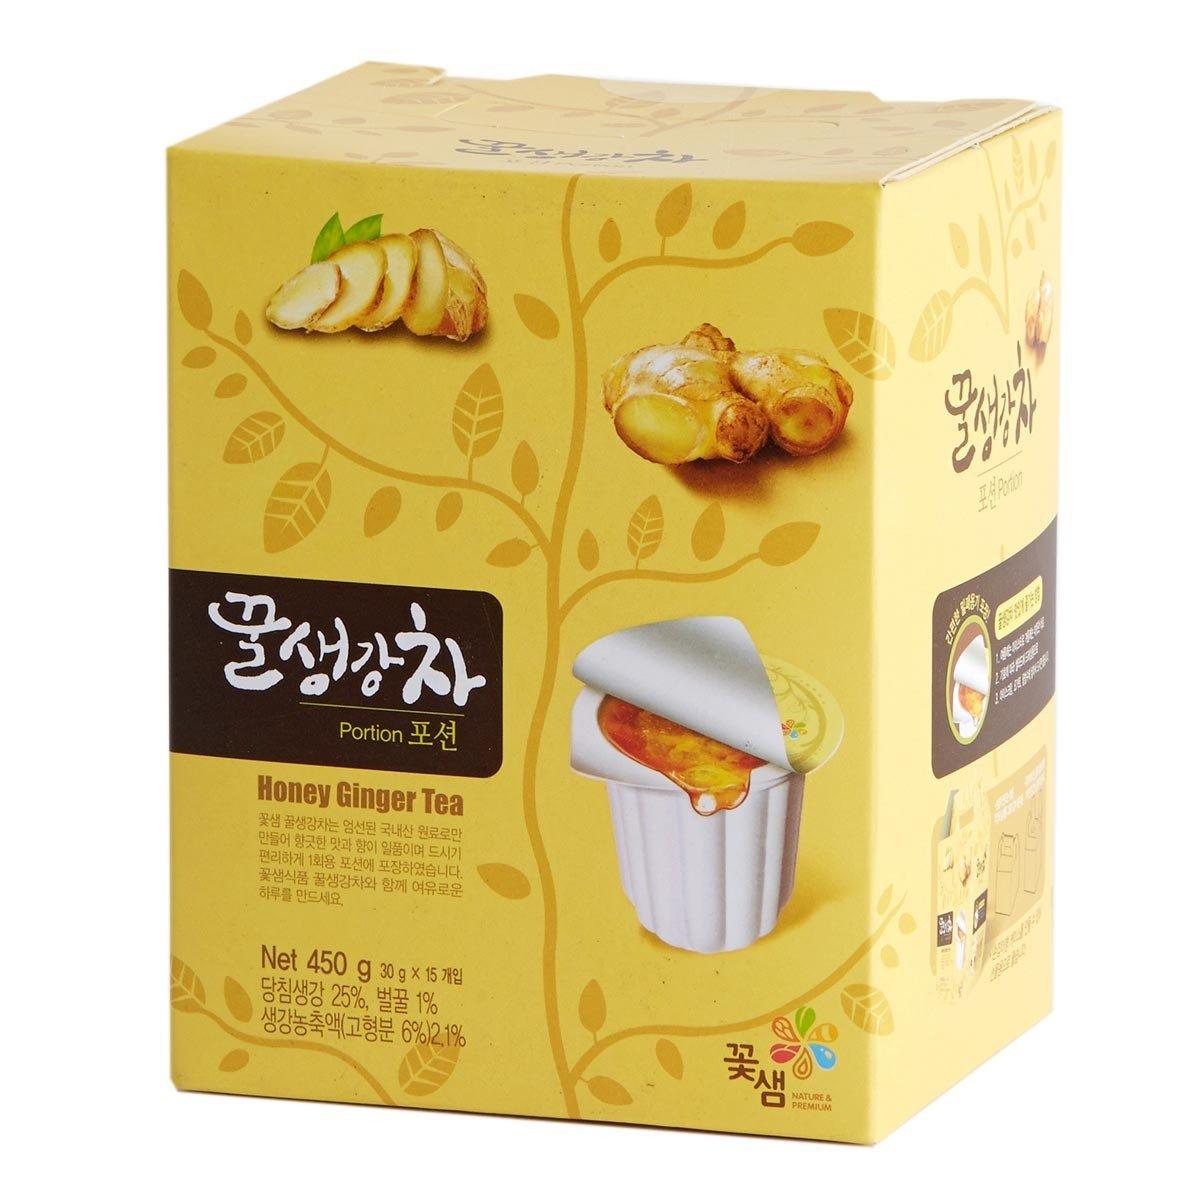 韓國蜂蜜生薑茶 (散件裝)